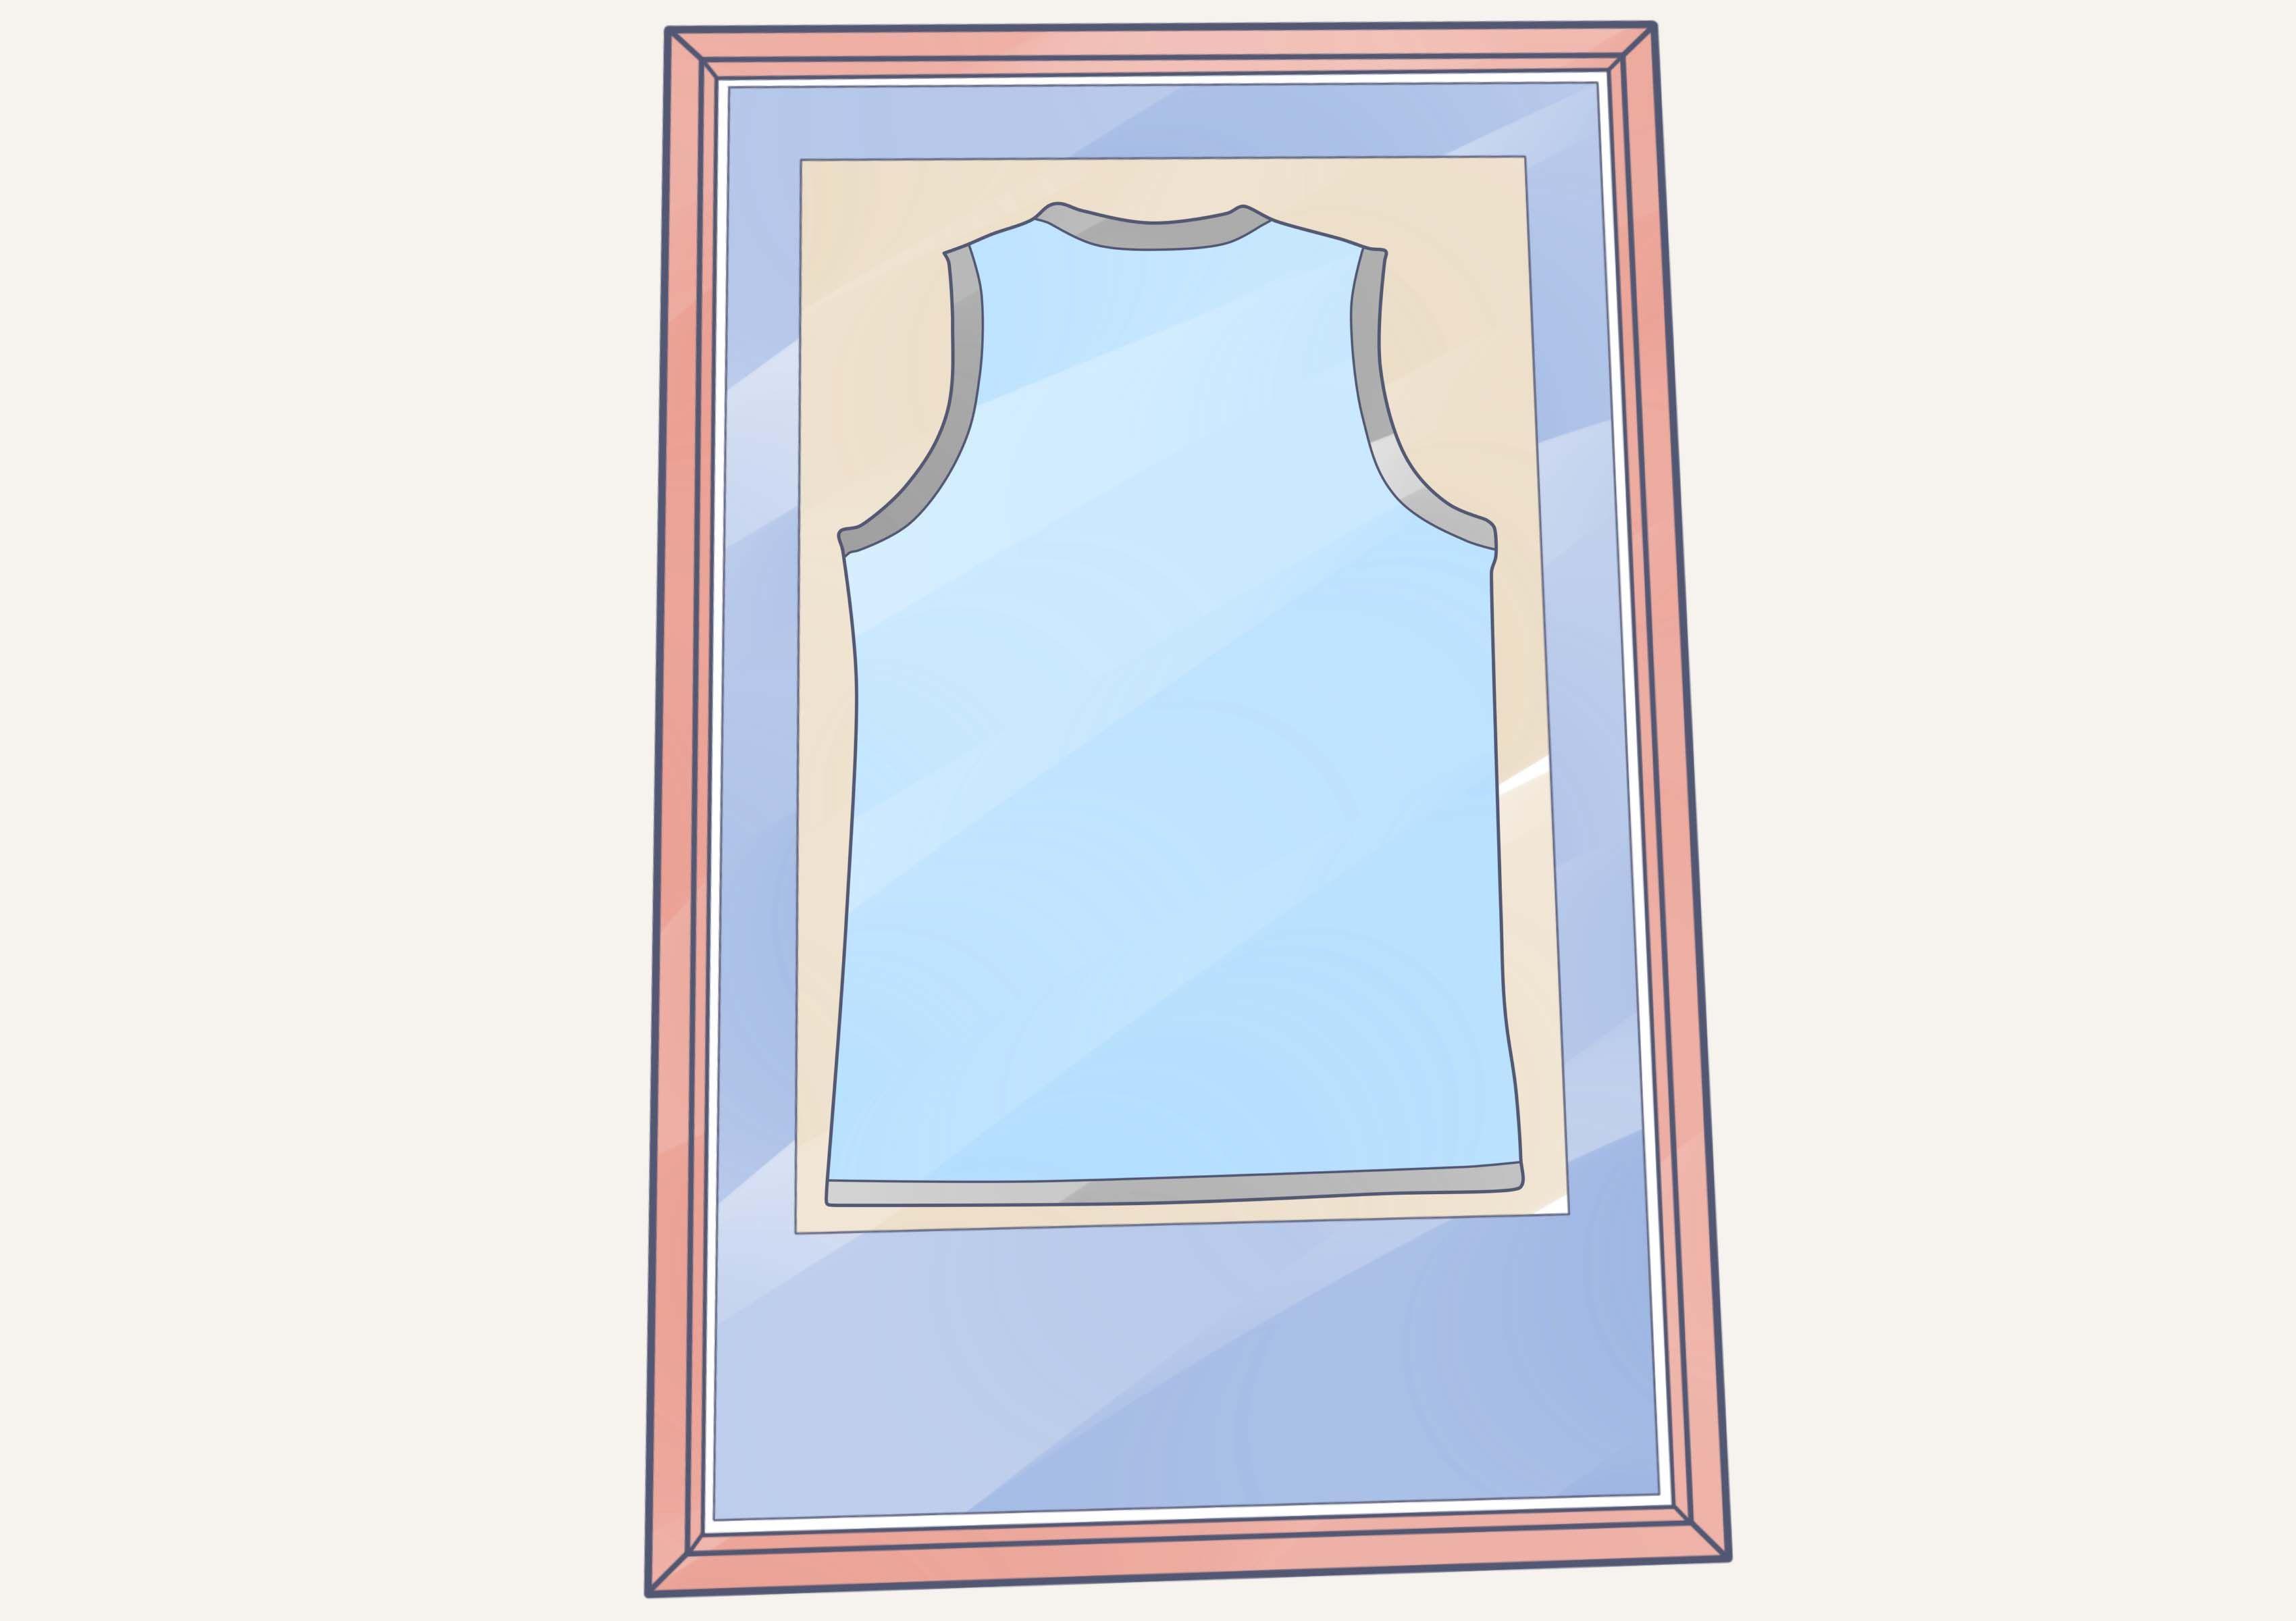 Frame a jersey framed jersey diy frame frame